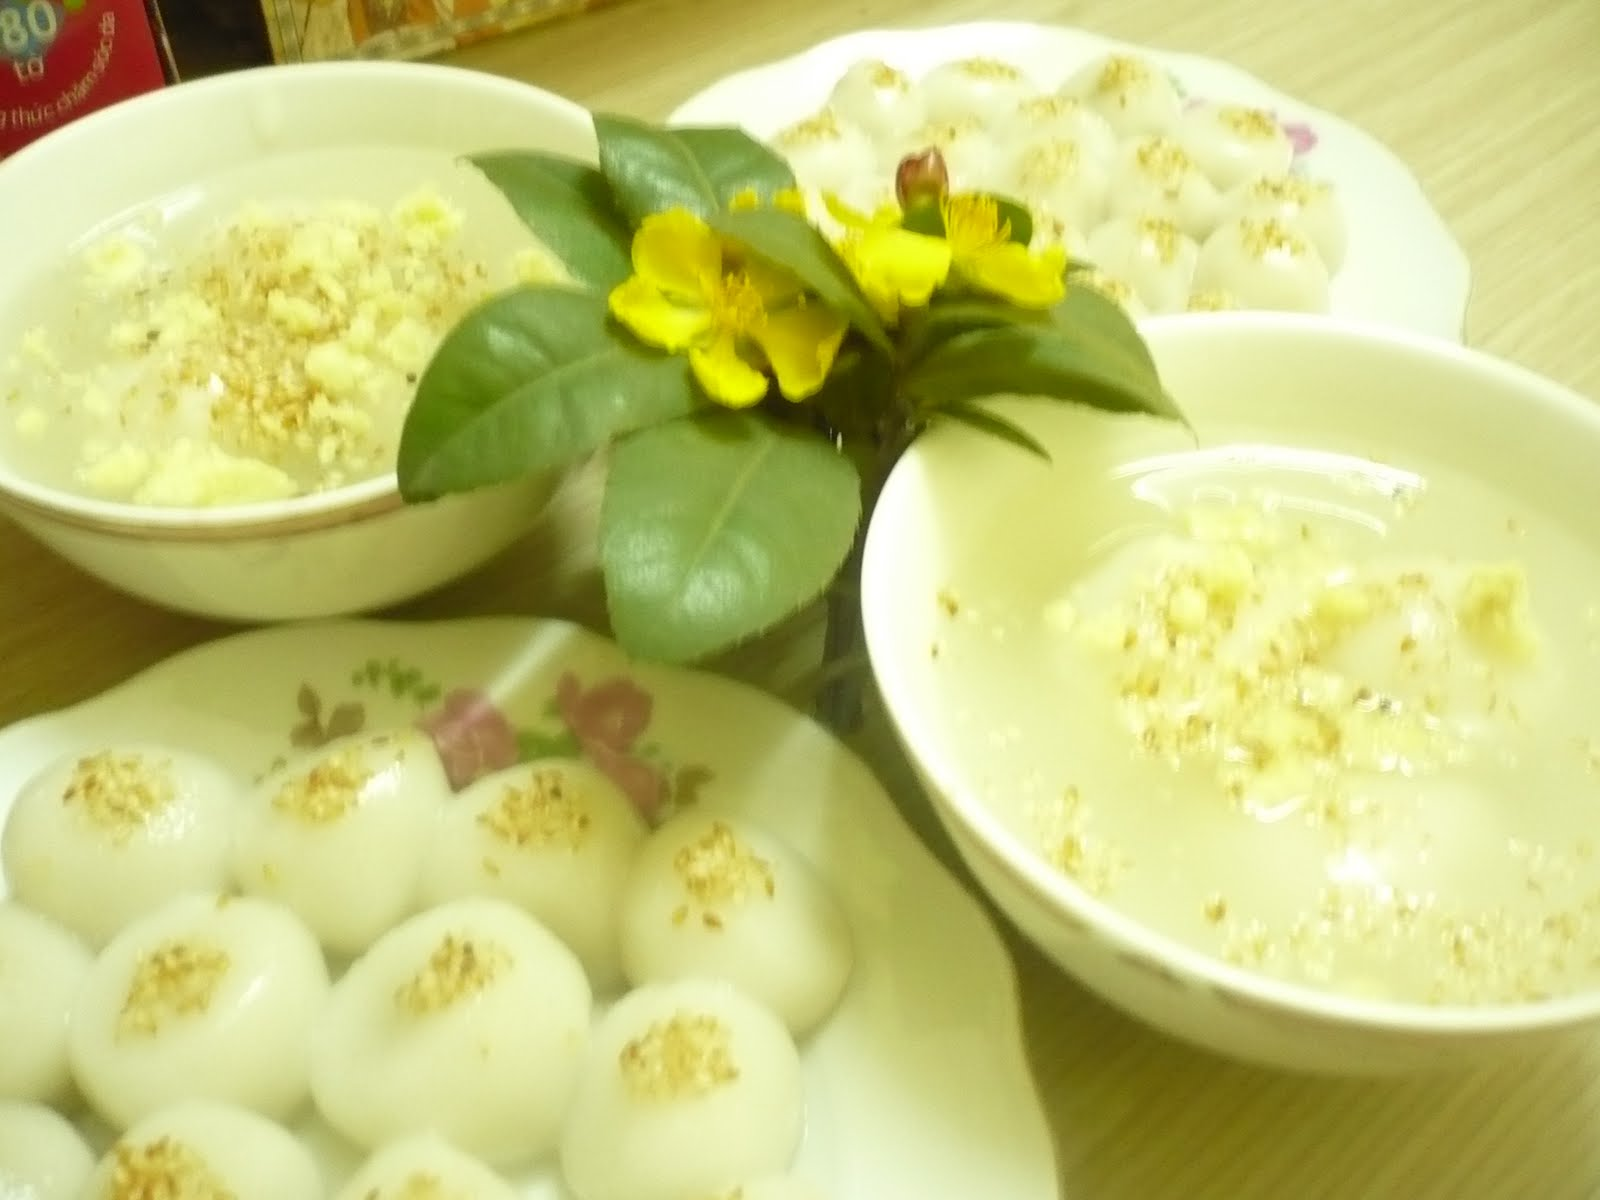 Ngày Tết Hàn thực diễn ra vào ngày 3/3 âm lịch có nguồn gốc từ Trung Quốc